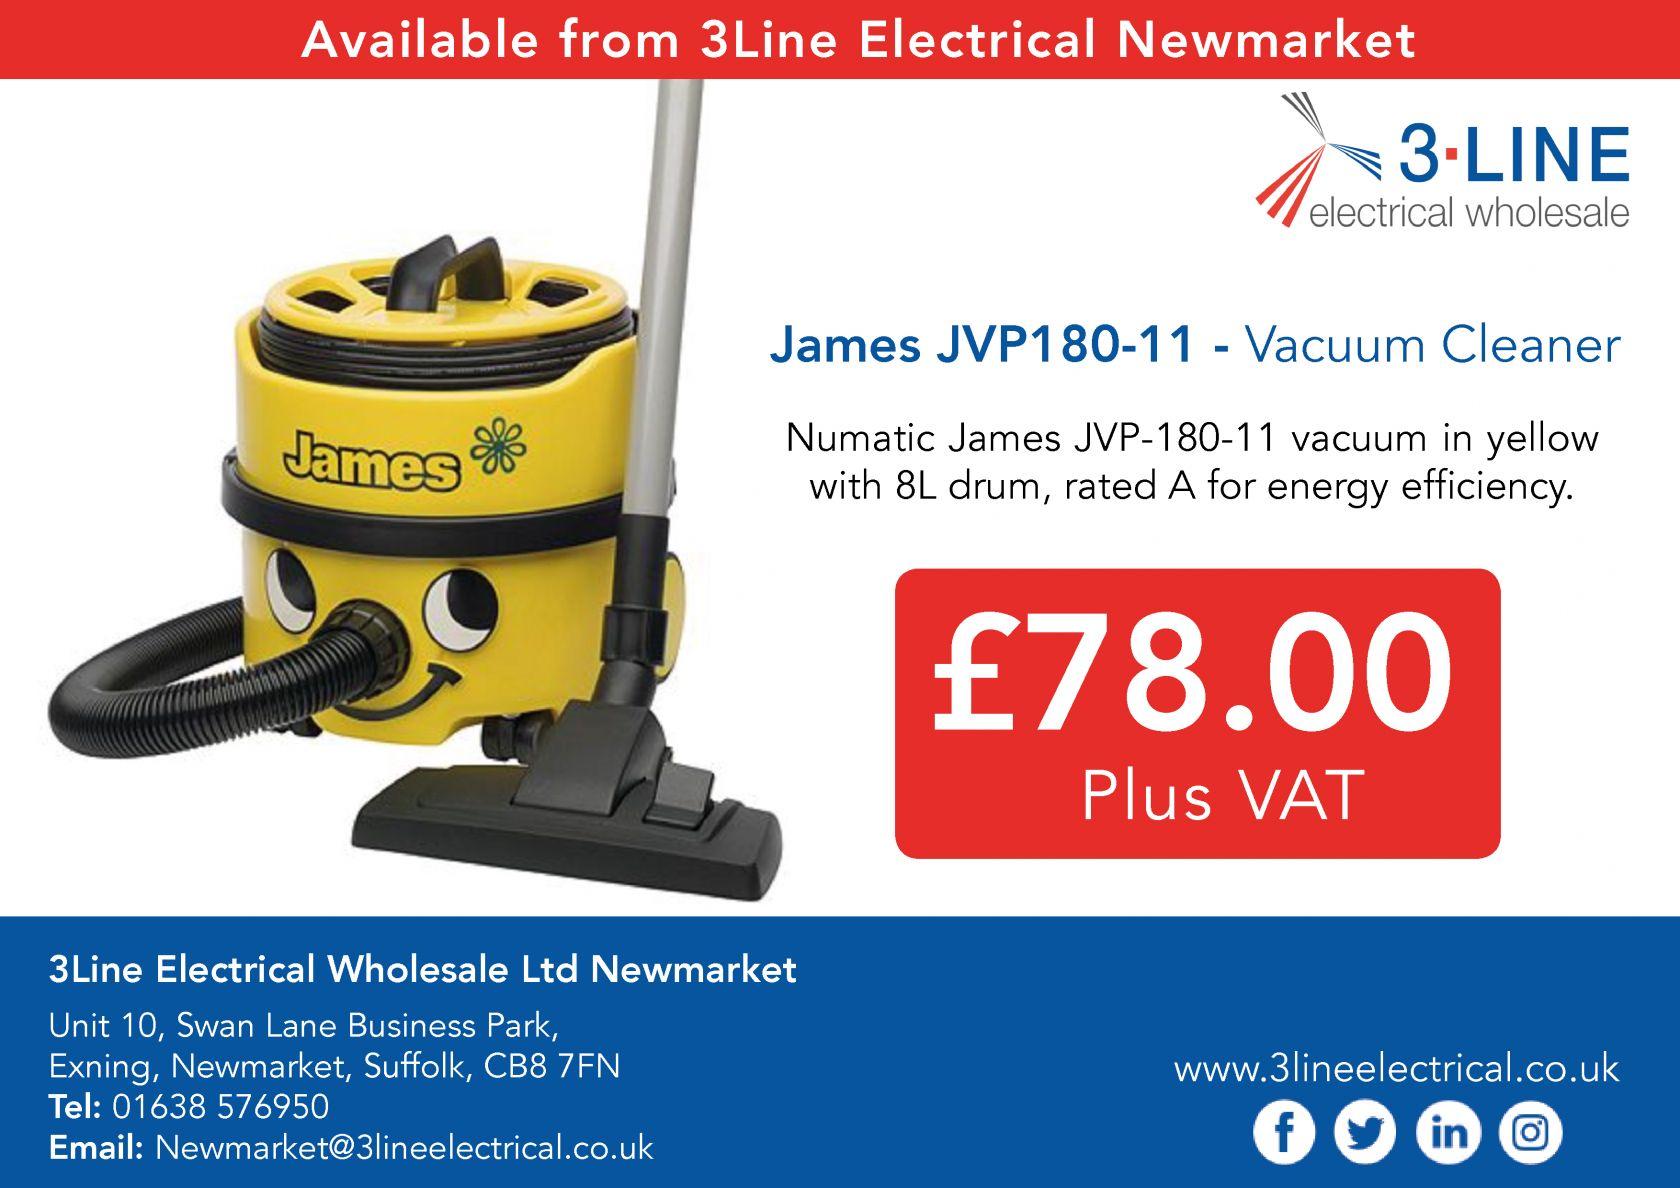 James JVP180-11 - Vacuum Cleaner